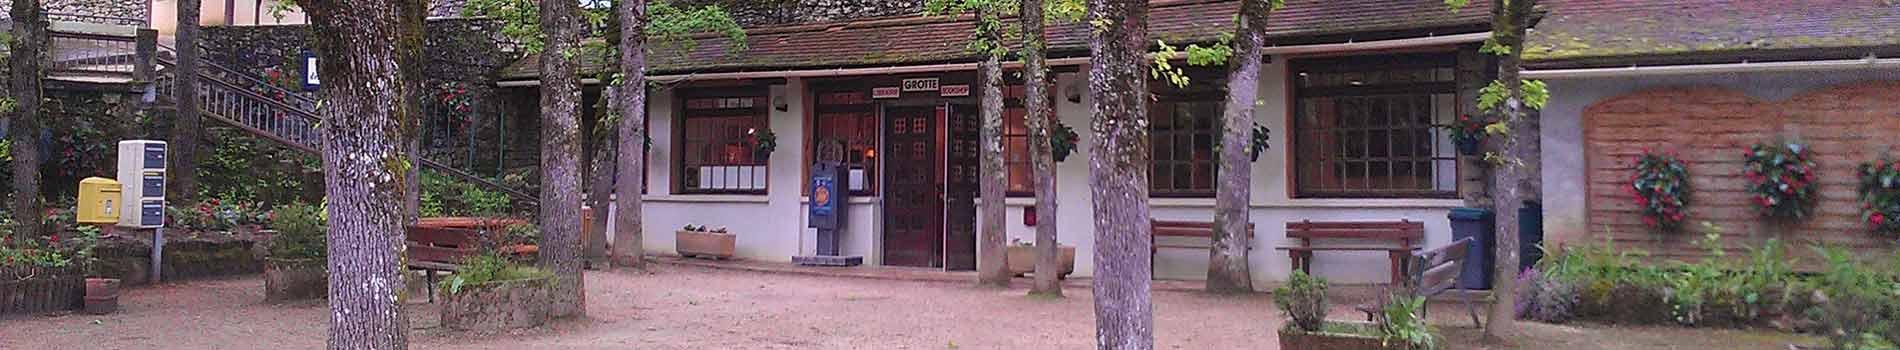 Grotte de Pech Merle